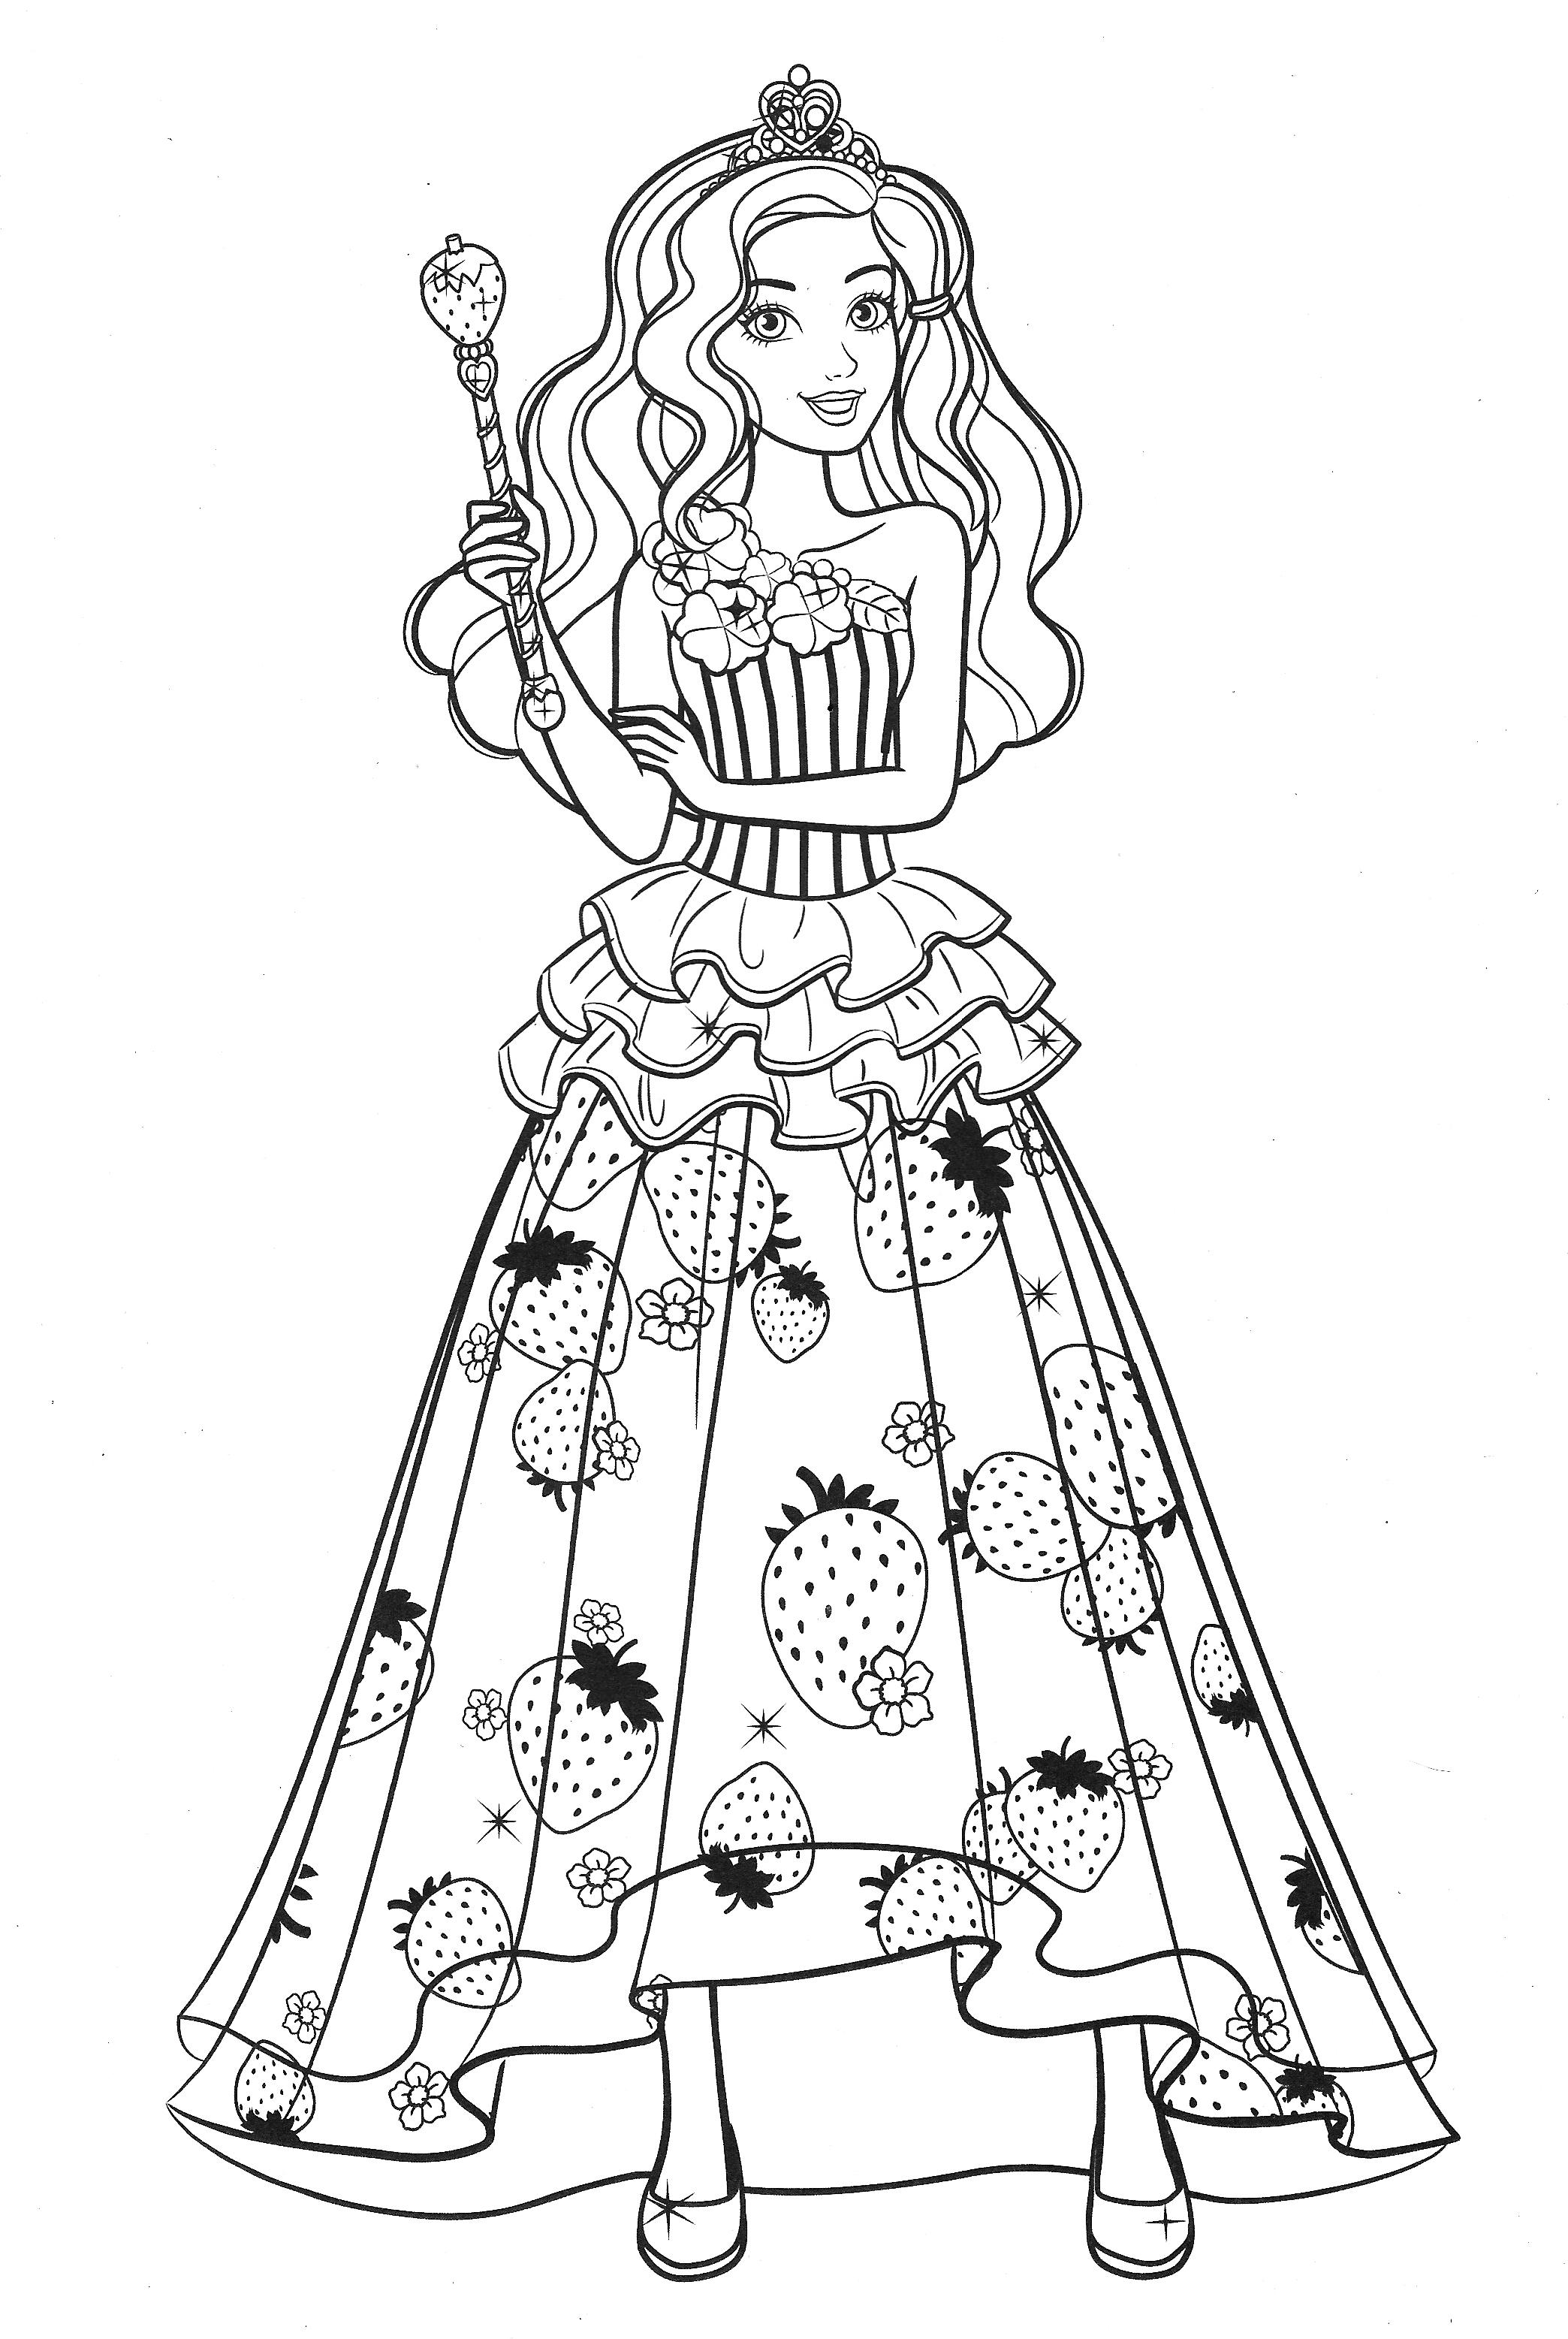 Раскраска Барби принцесса с фруктами на платье - Раскраски ...